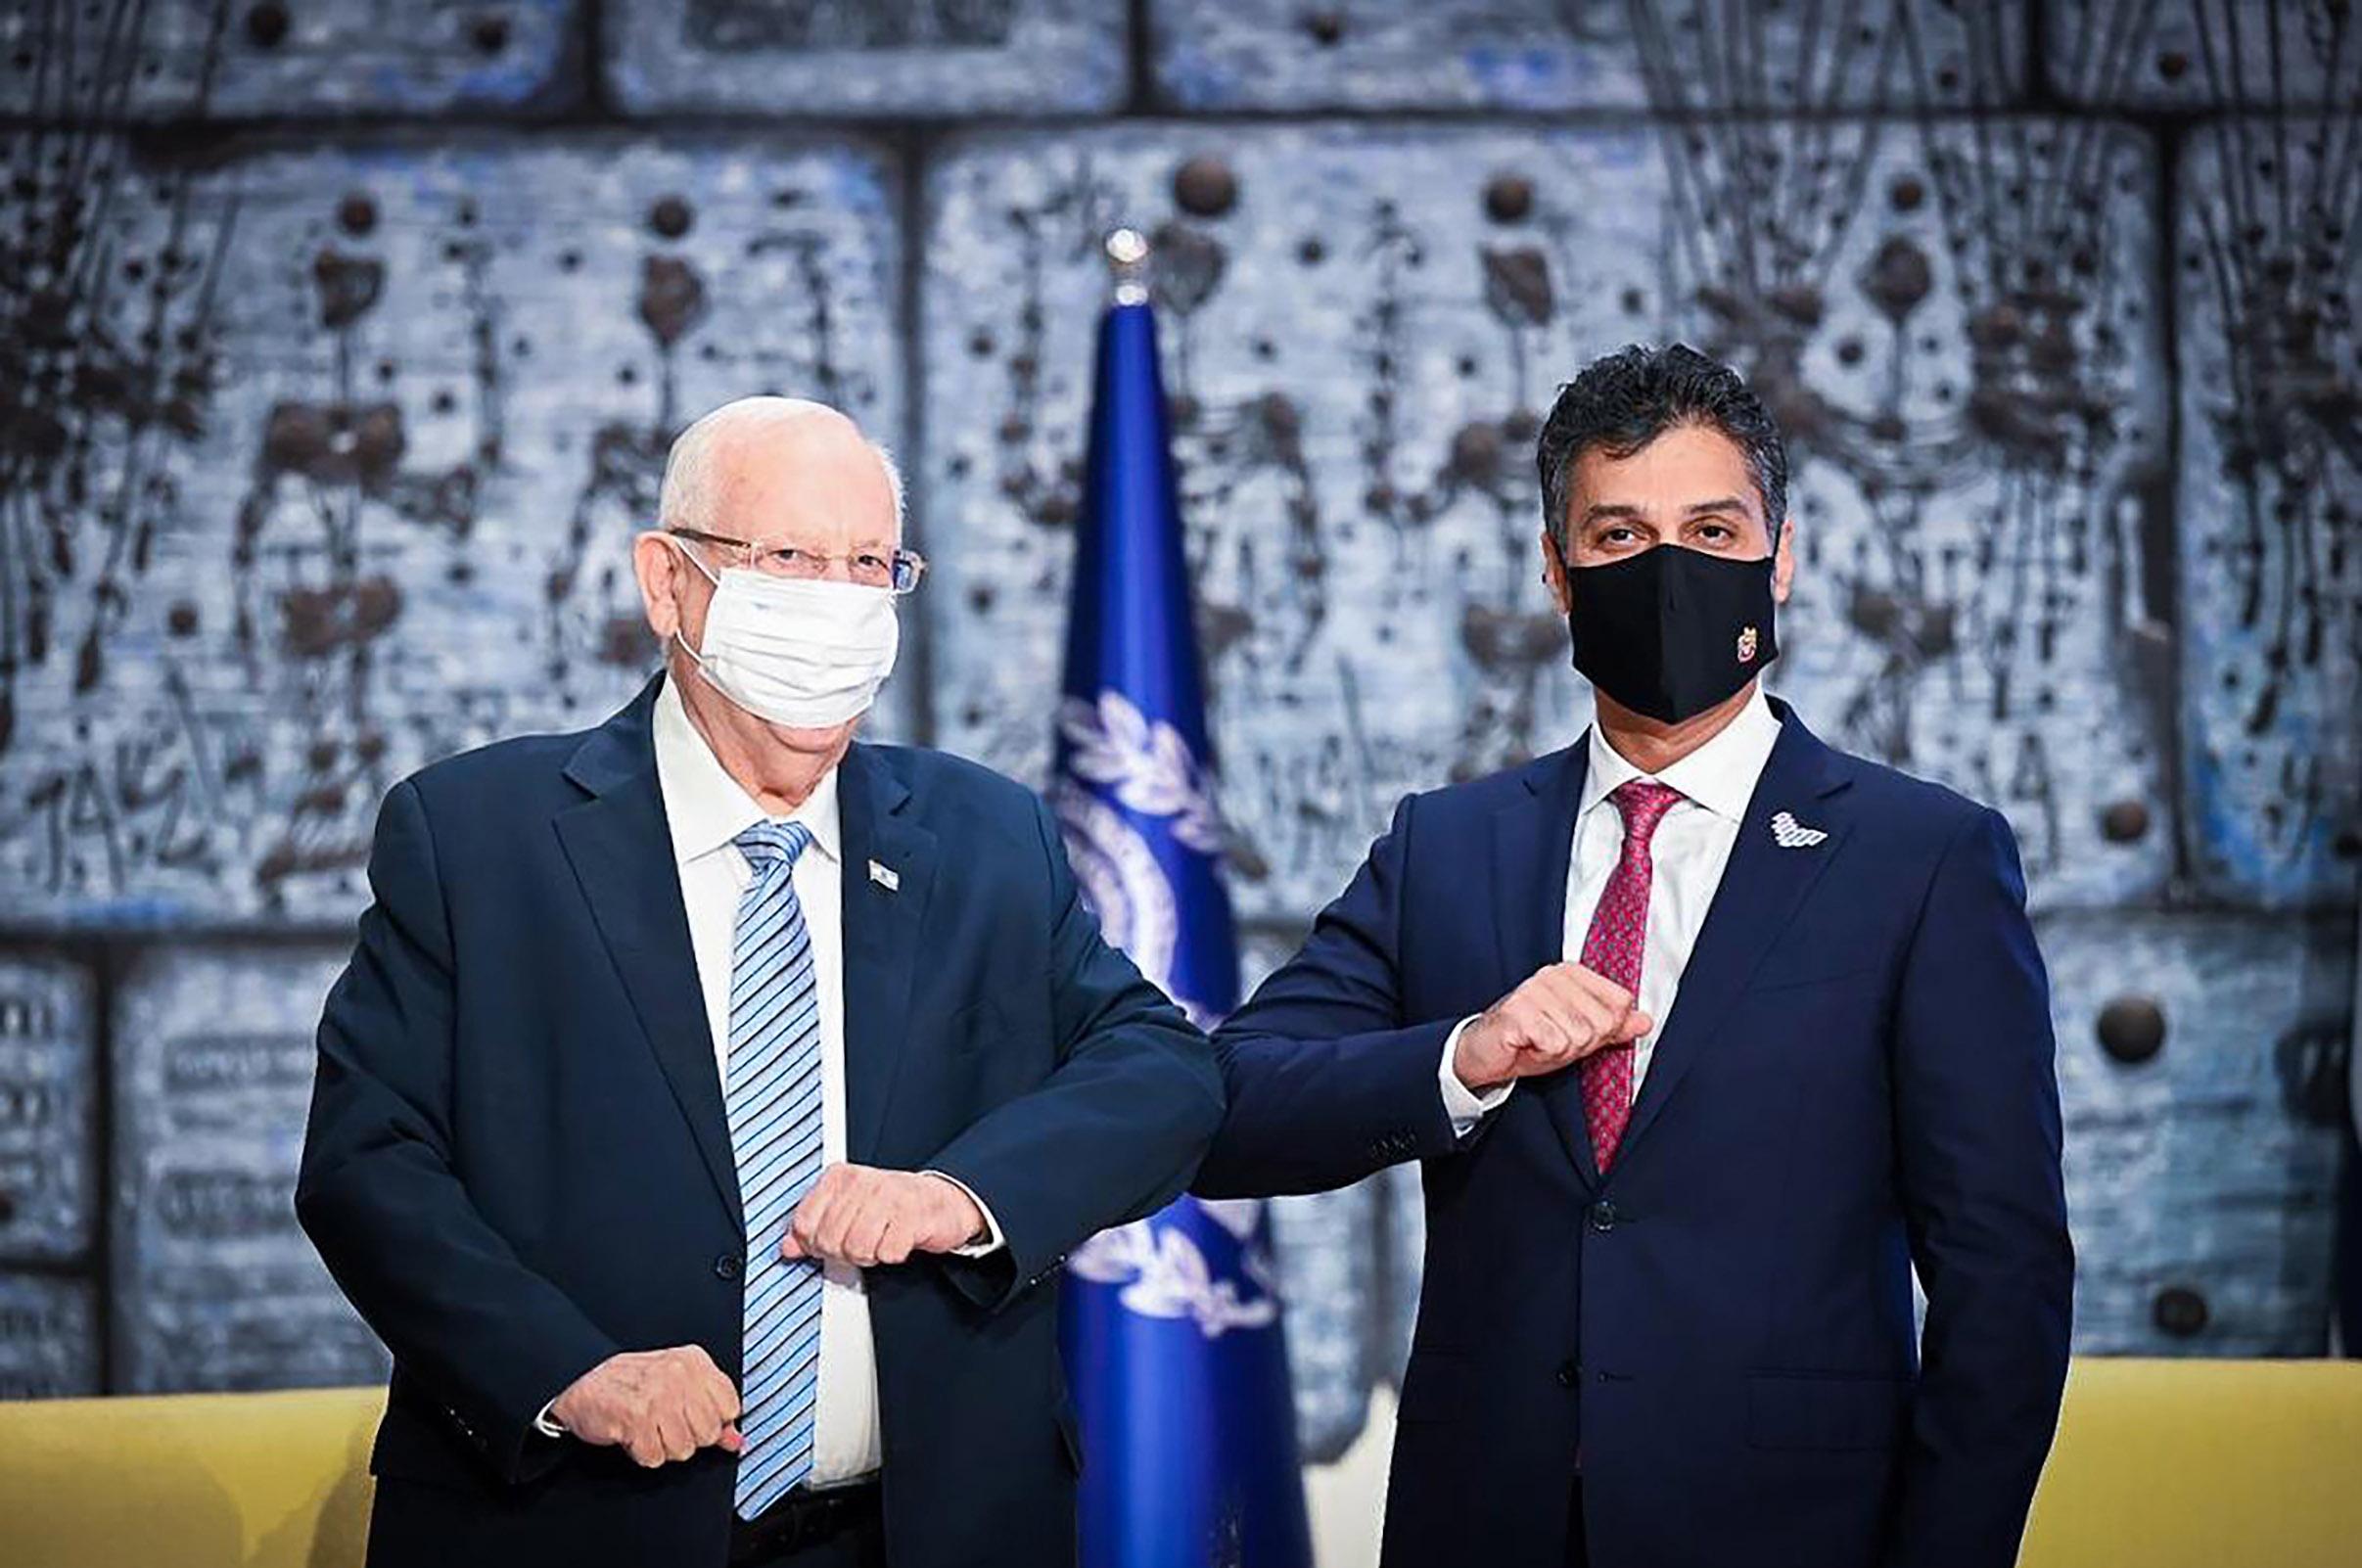 سفير الإمارات يقدم أوراق اعتماده إلى رئيس إسرائيل